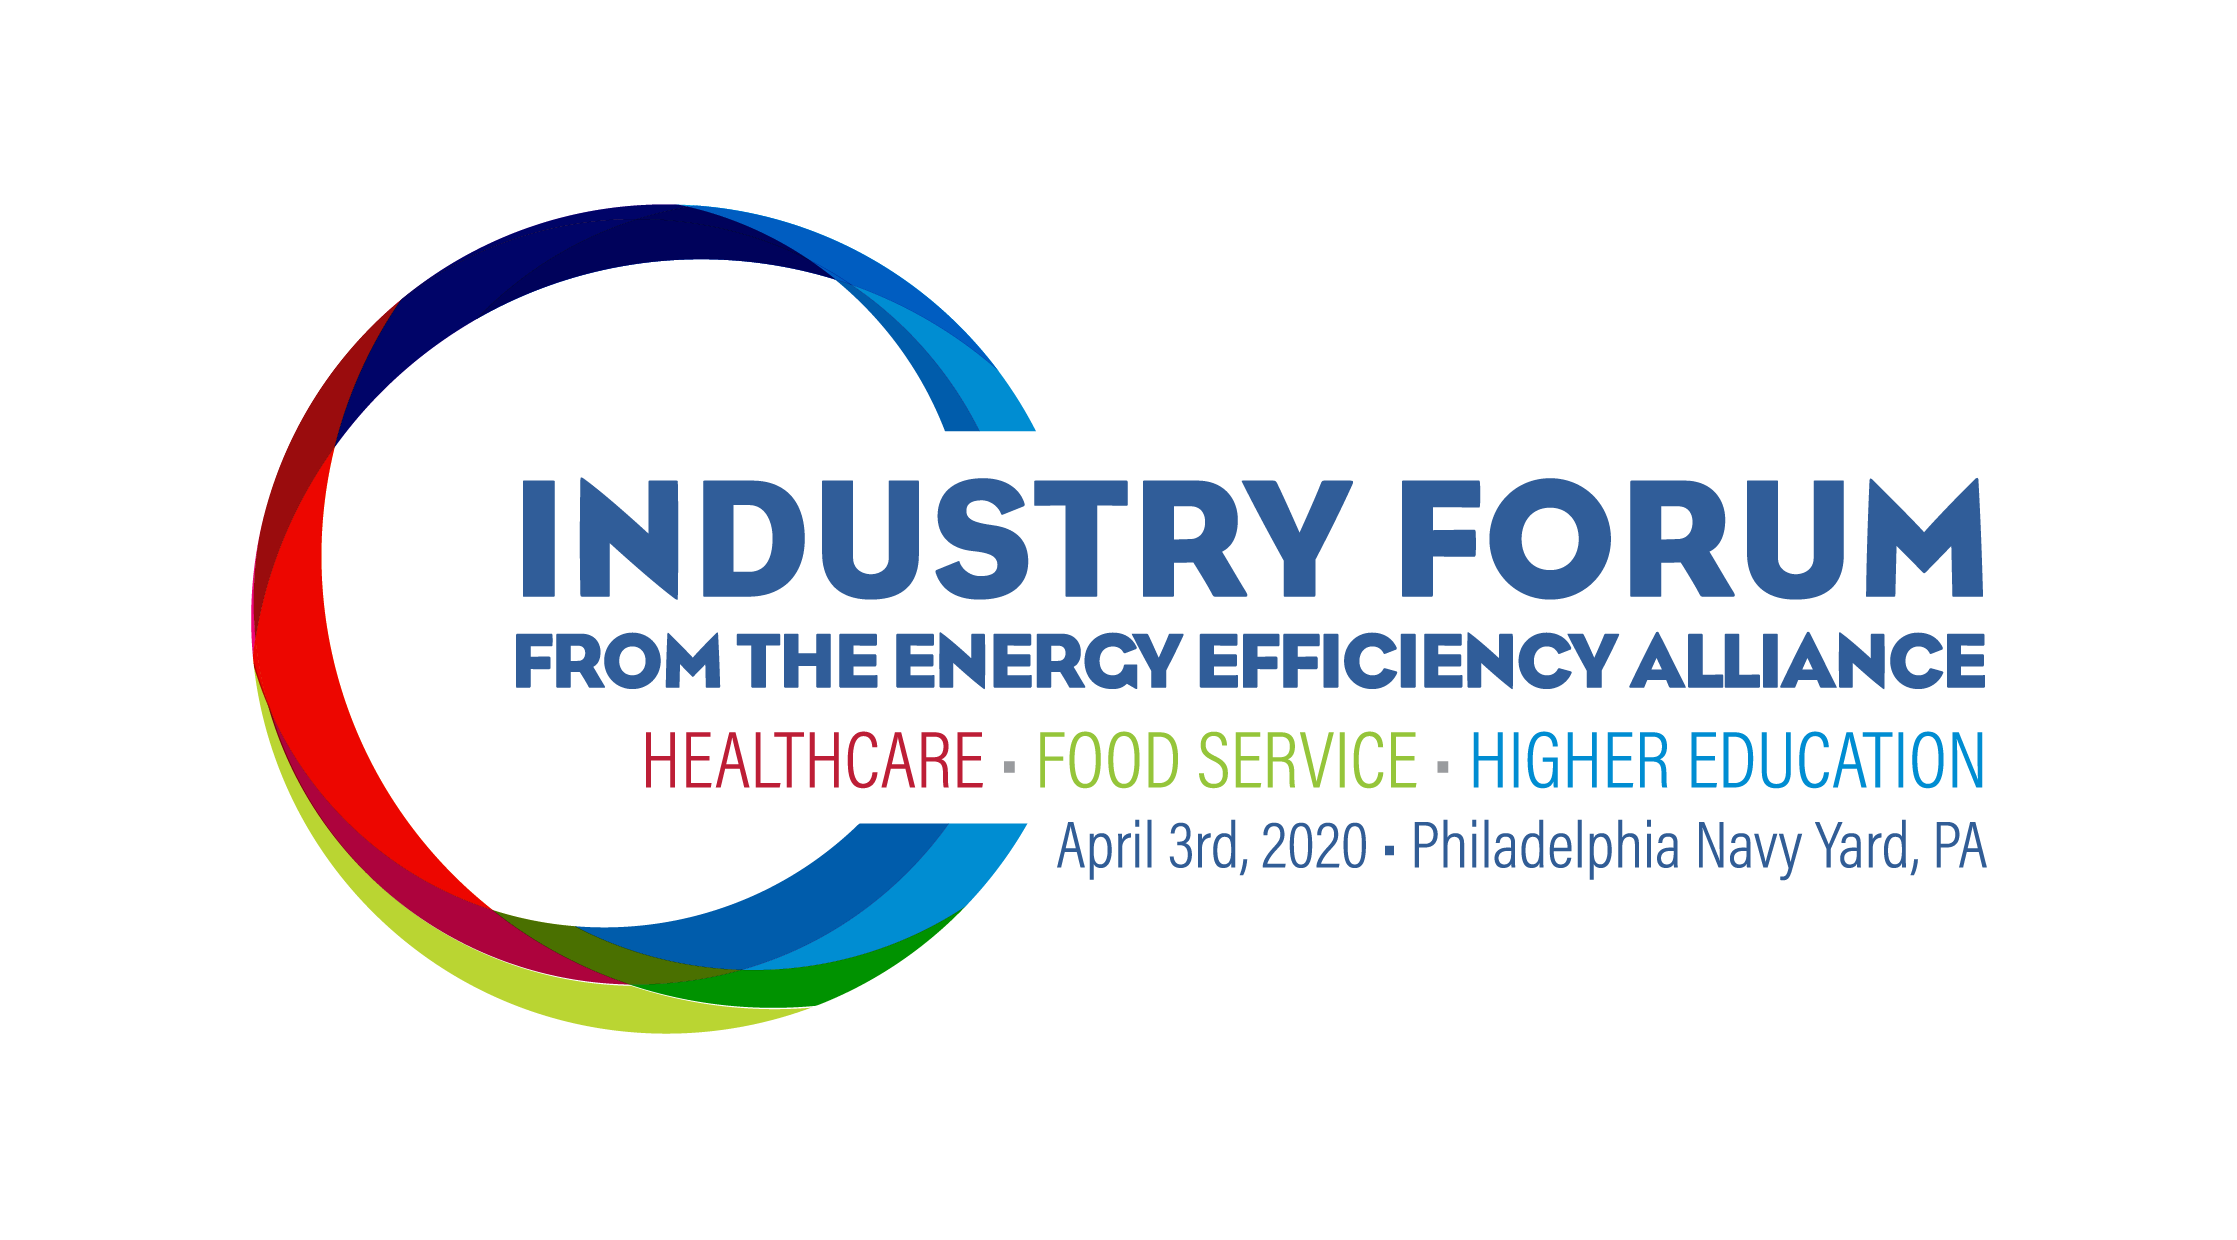 Industry Forum on Energy Efficiency